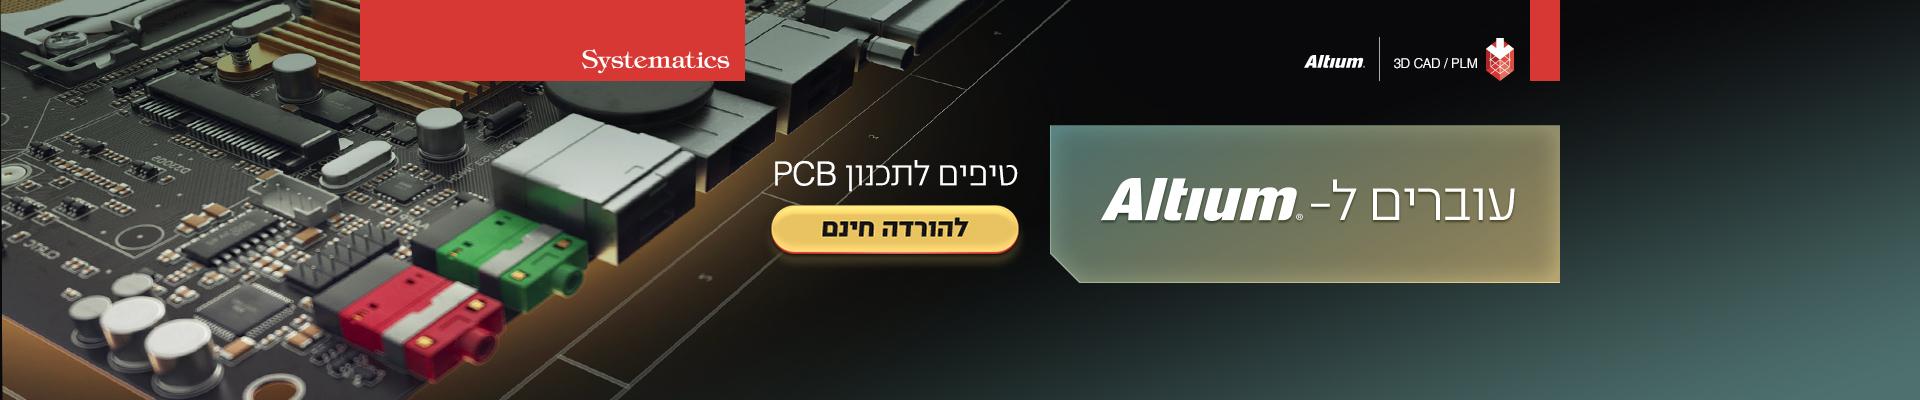 Altium Designer | ECAD | עוברים ל- Altium | Systematics